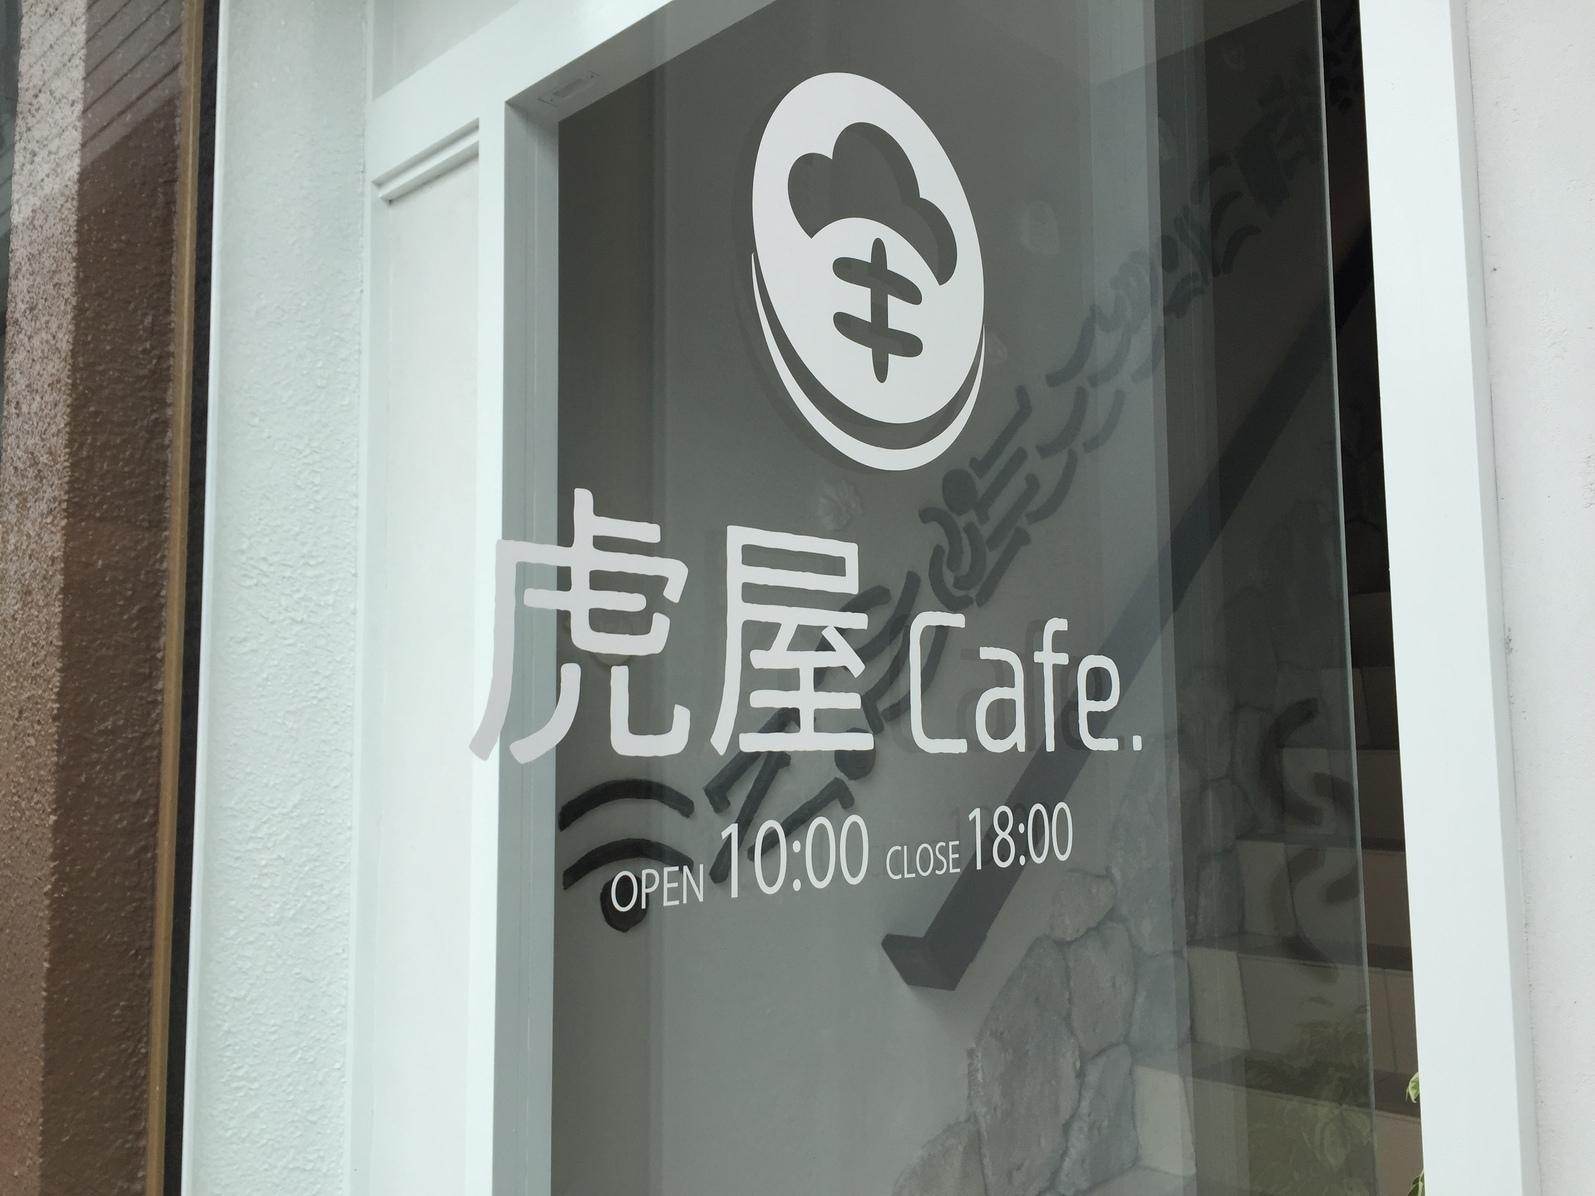 虎屋Cafe